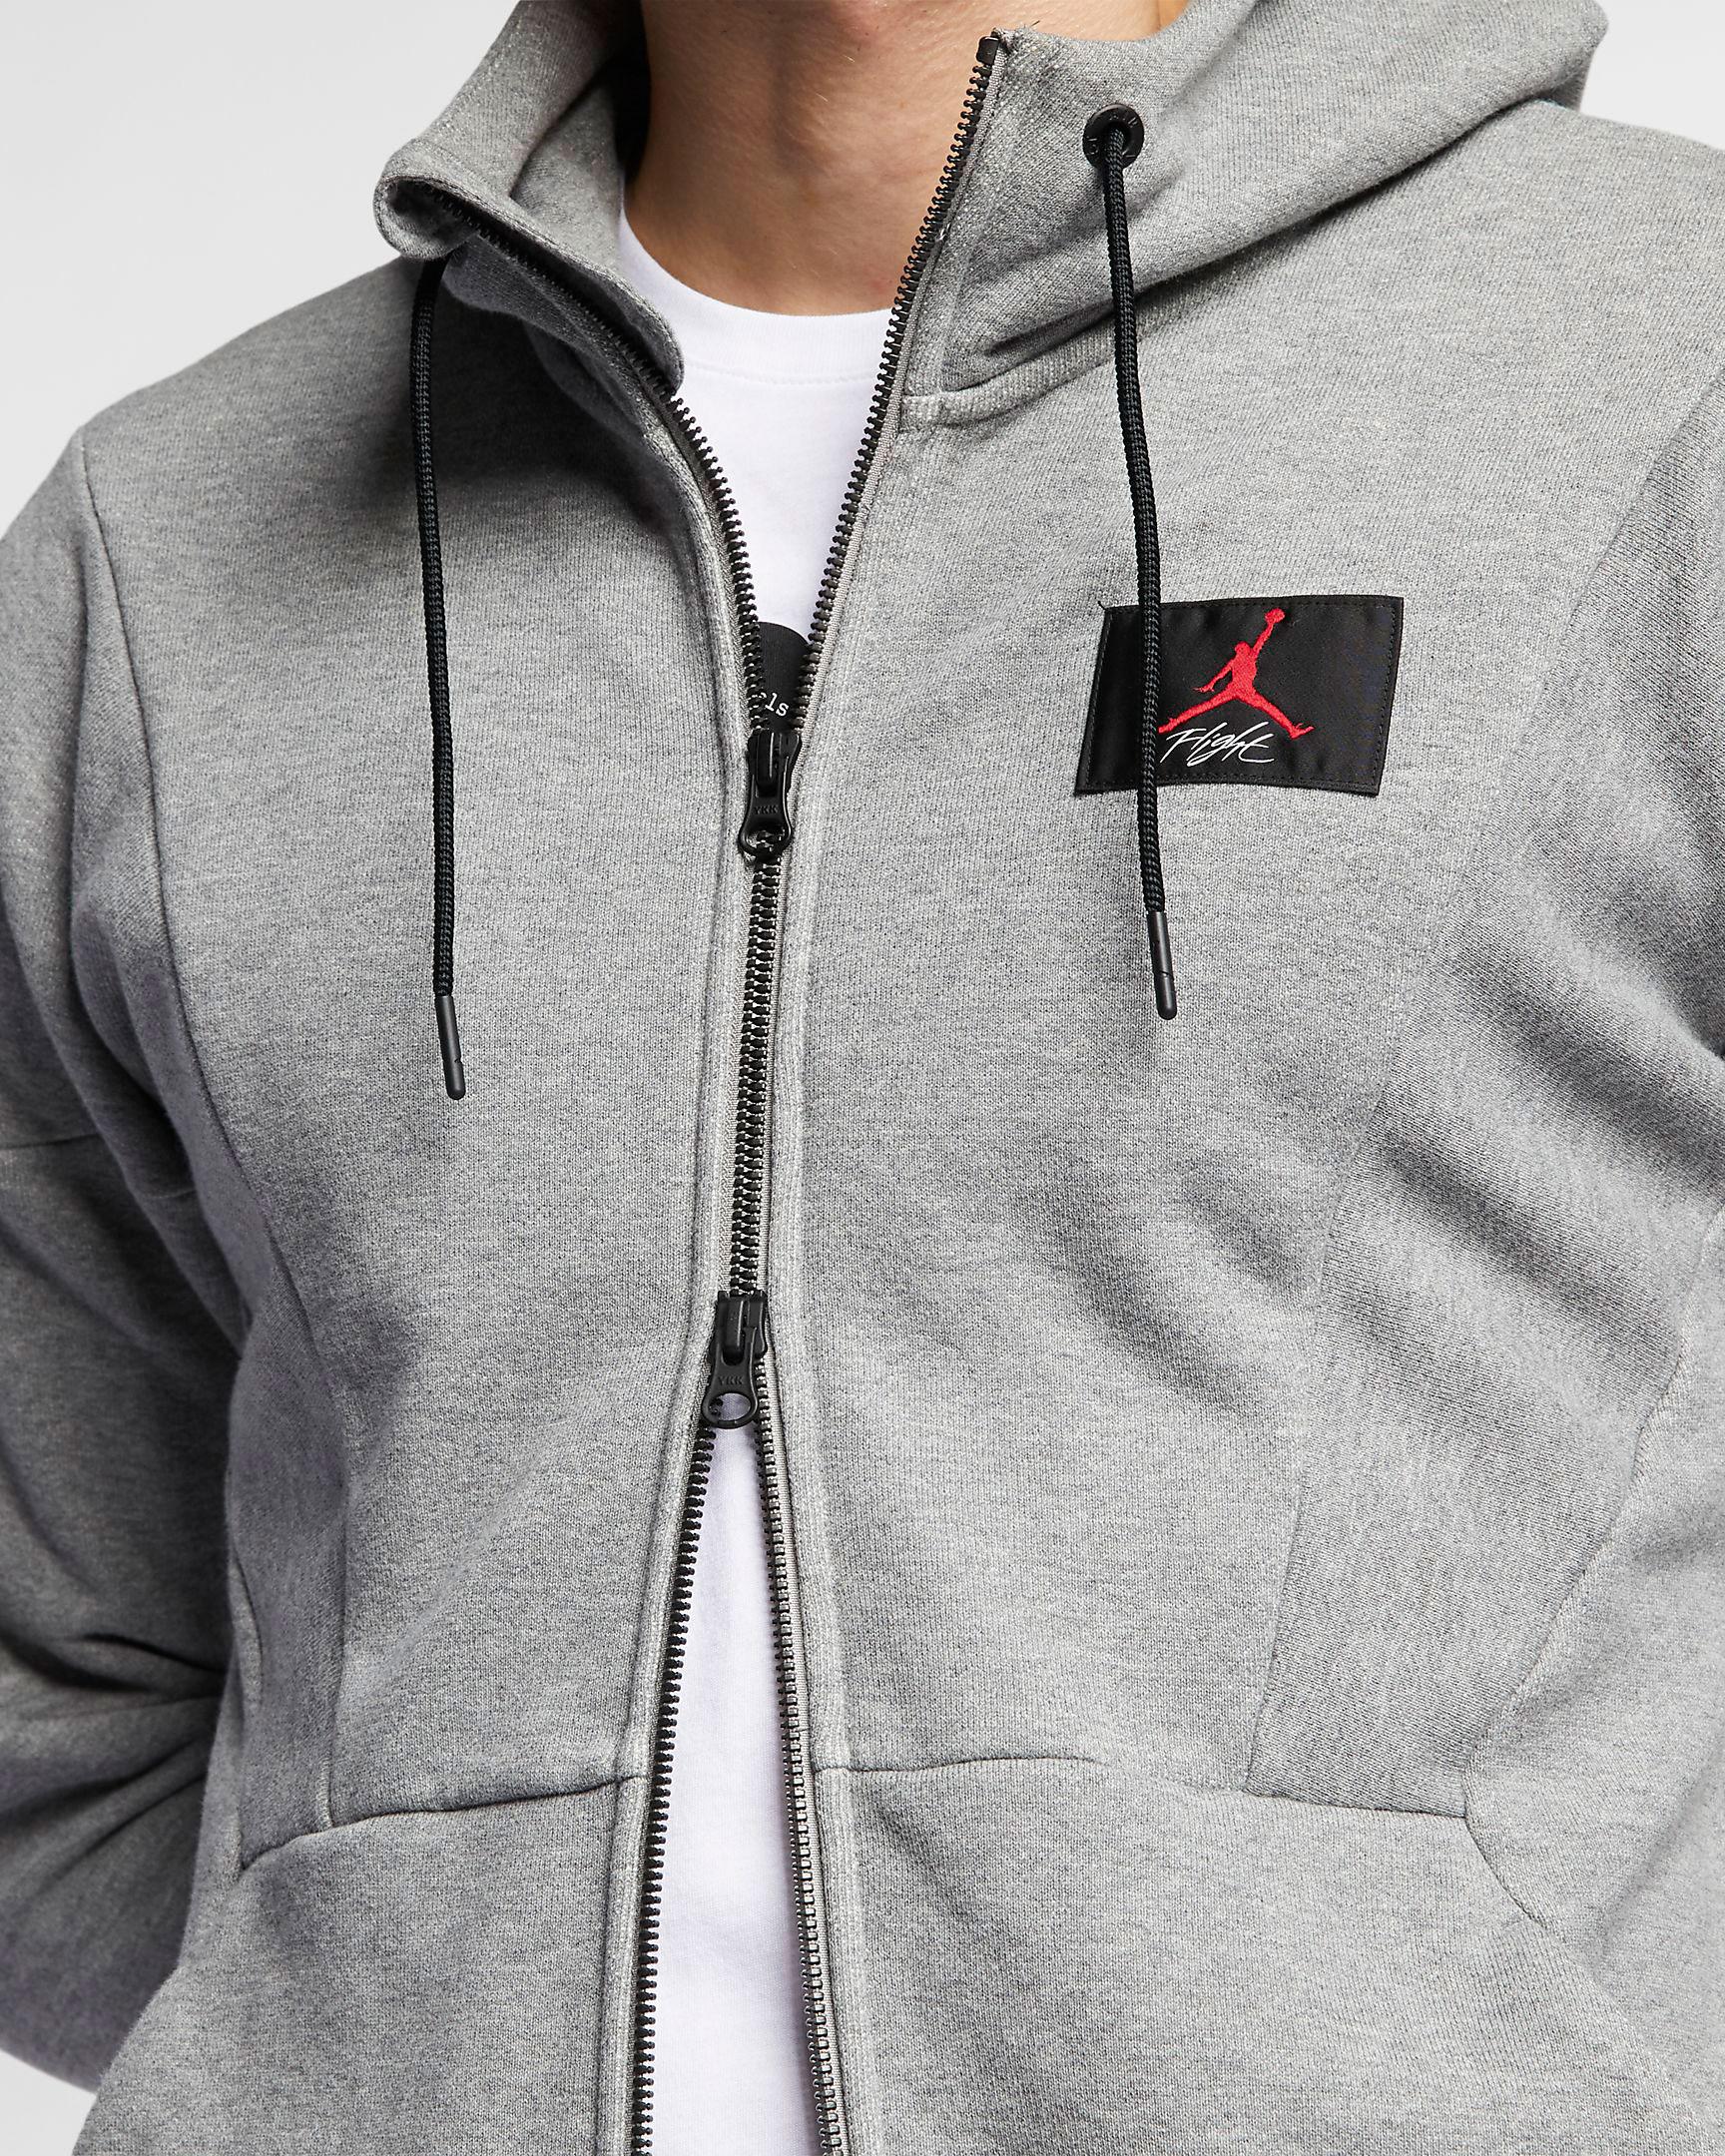 air-jordan-4-bred-2019-hoodie-5